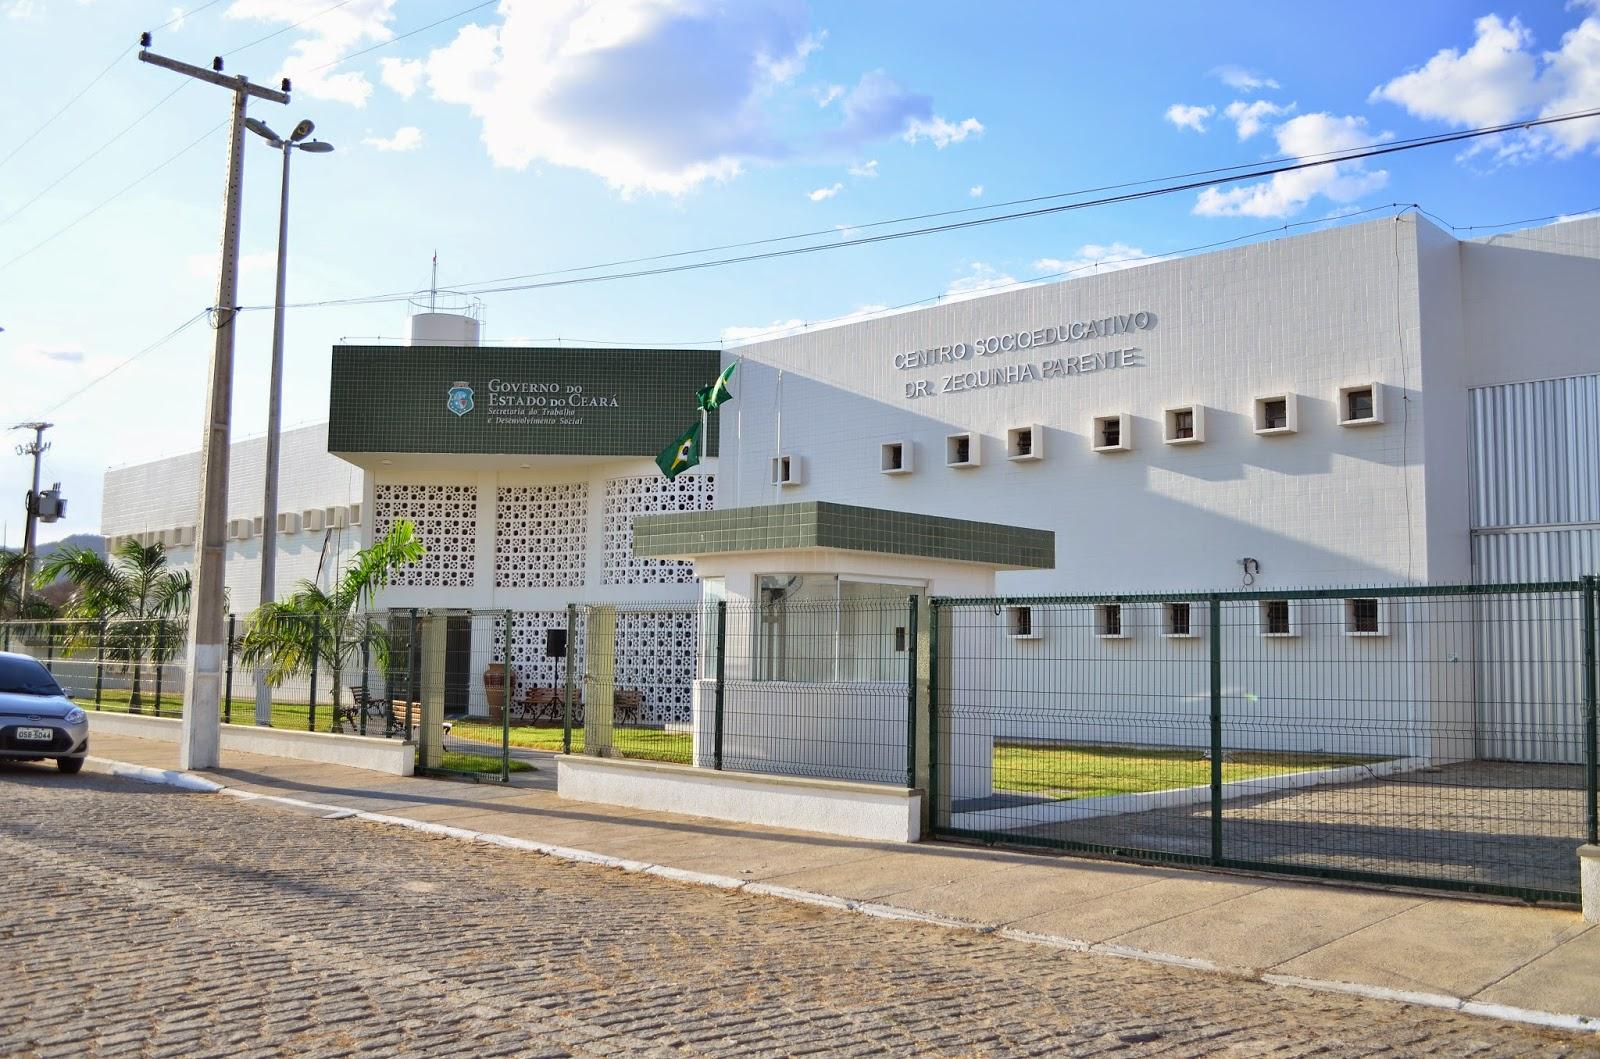 Adolescentes são executados em Centro Socioeducativo de Sobral ...